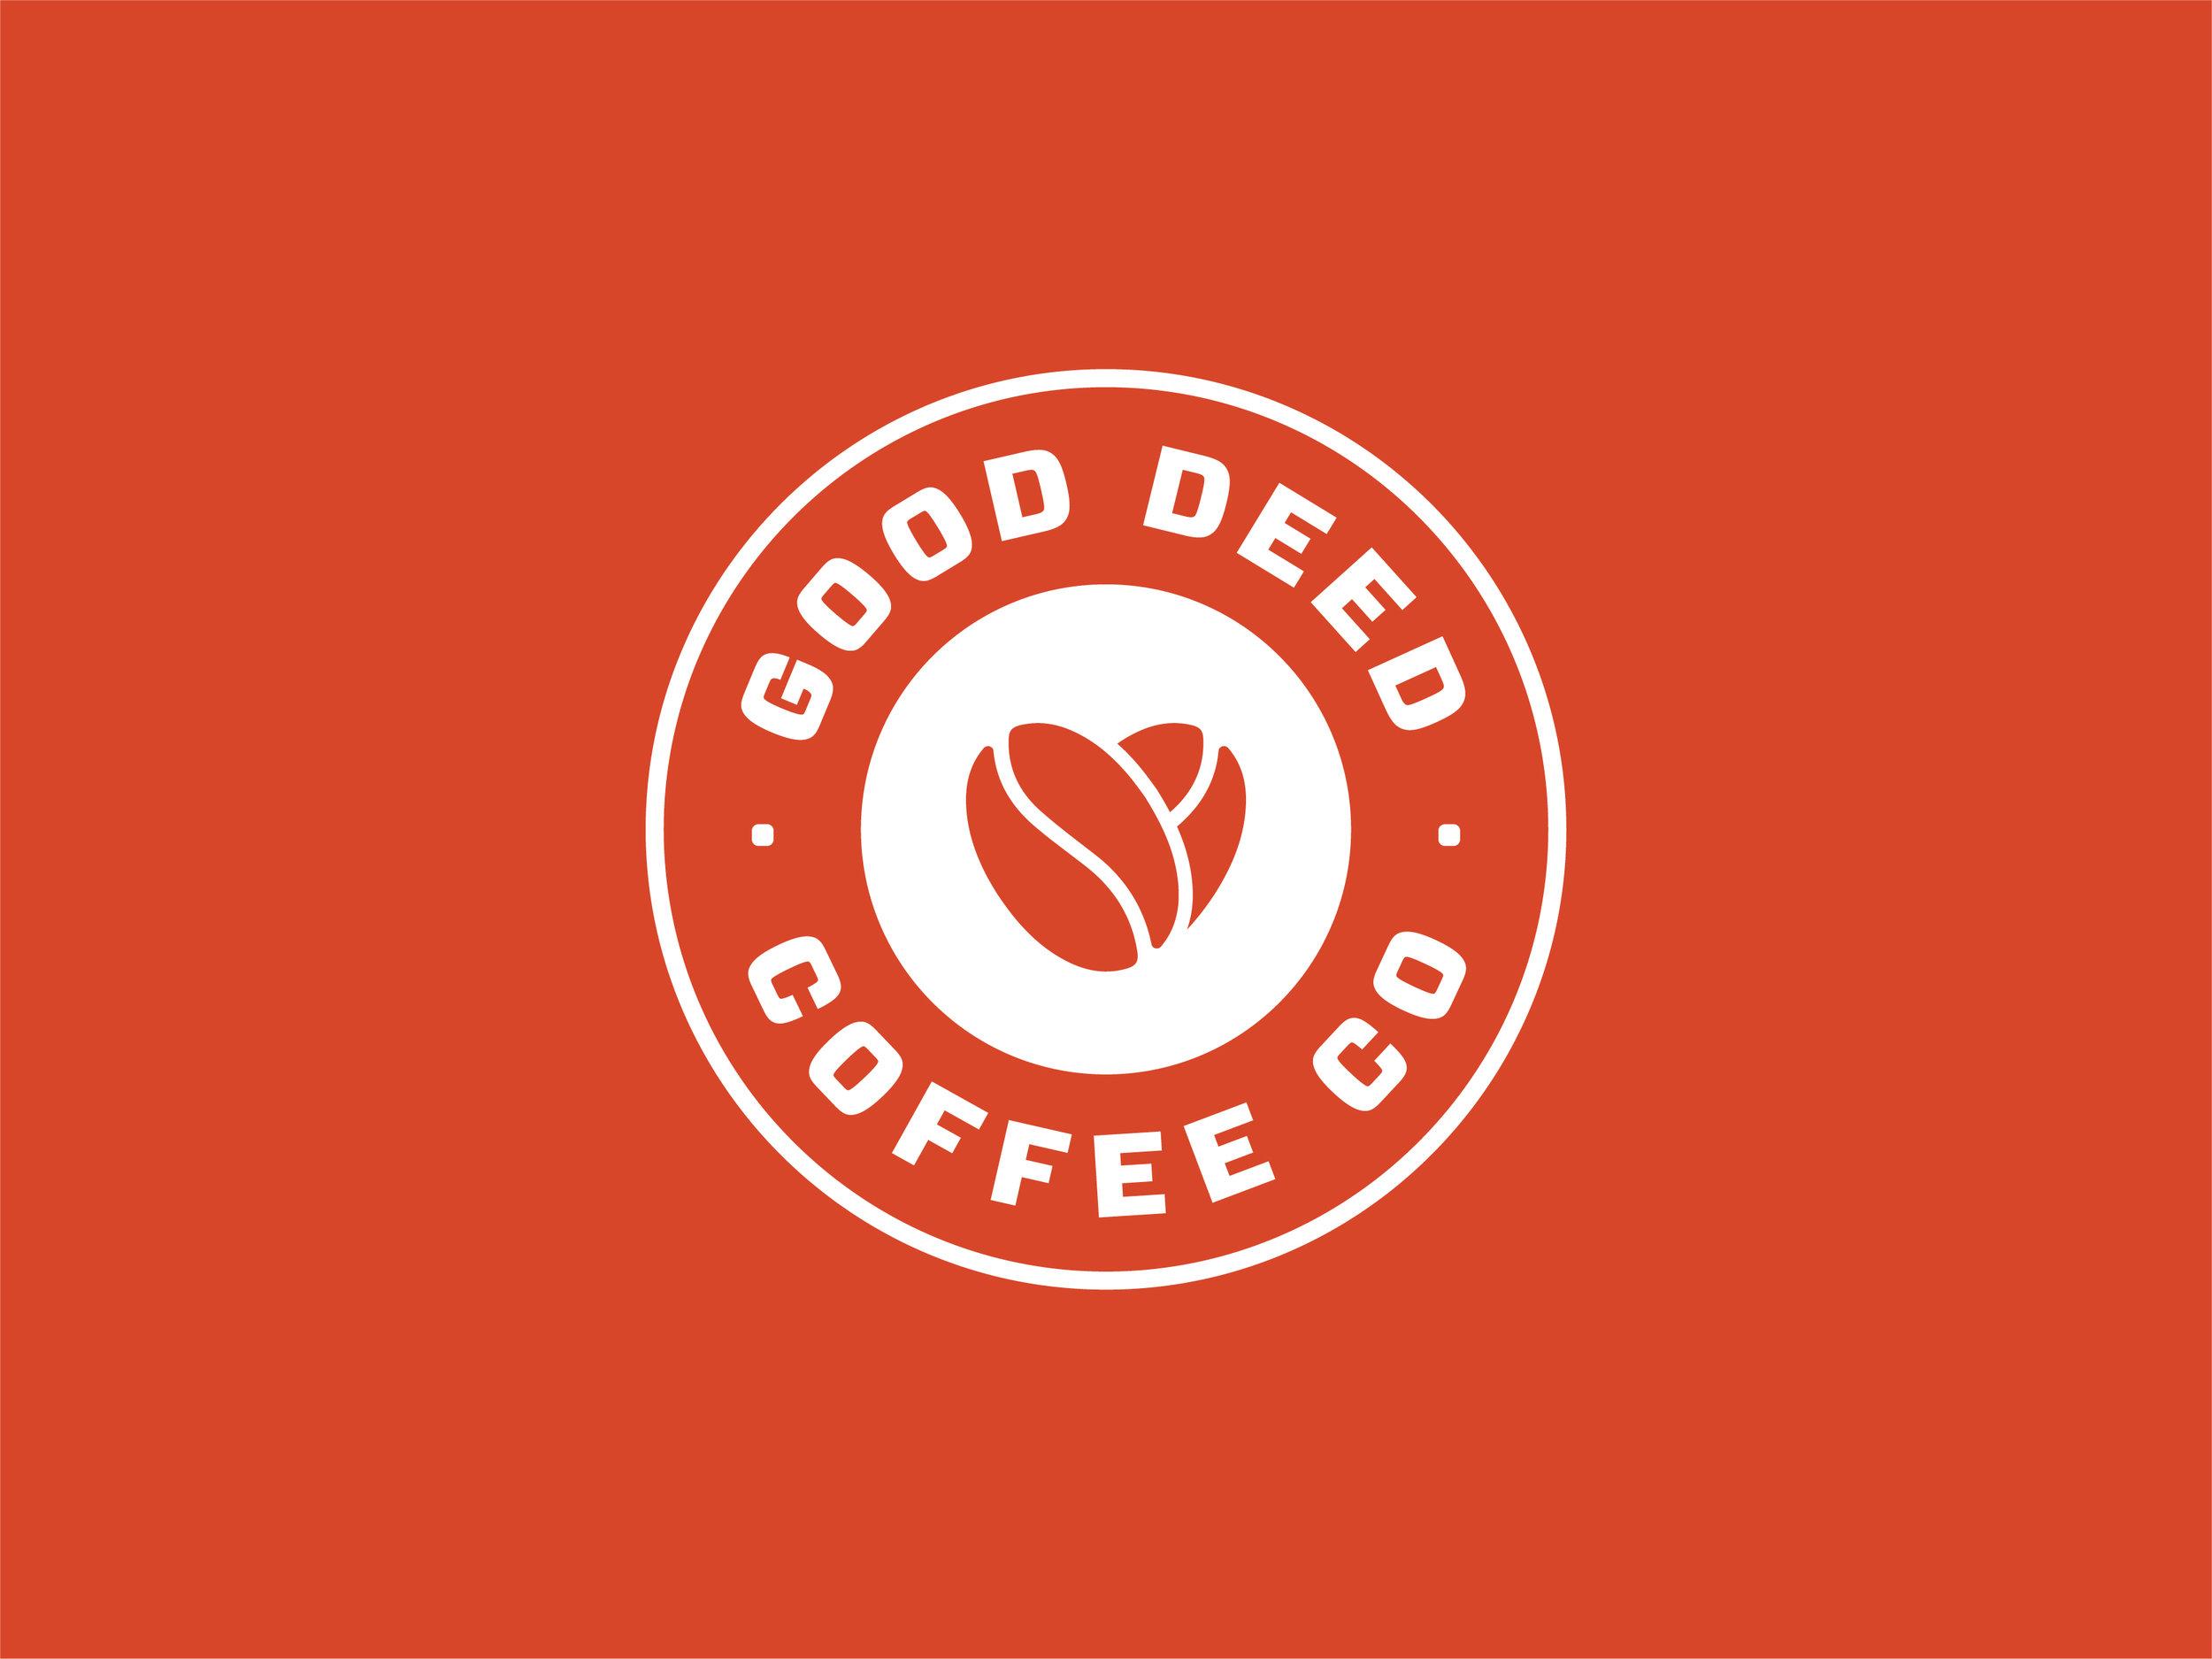 AmyNortman-GoodDeed-CoffeeCo-02